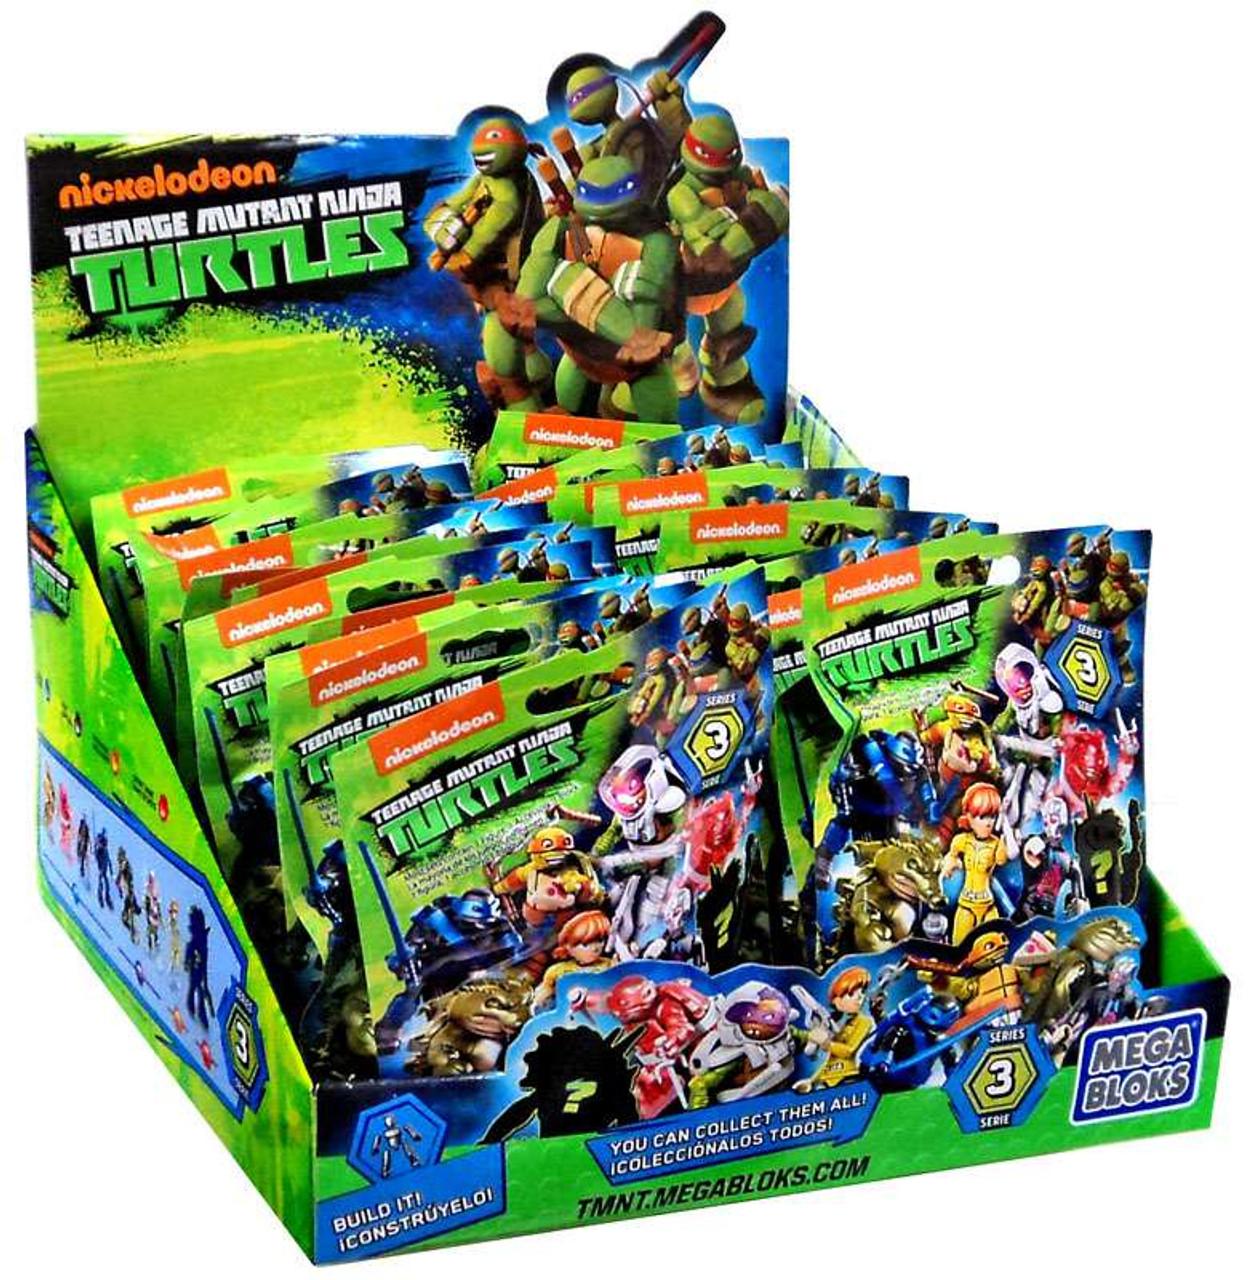 Mega Bloks Teenage Mutant Ninja Turtles Animation Series 3 Mystery